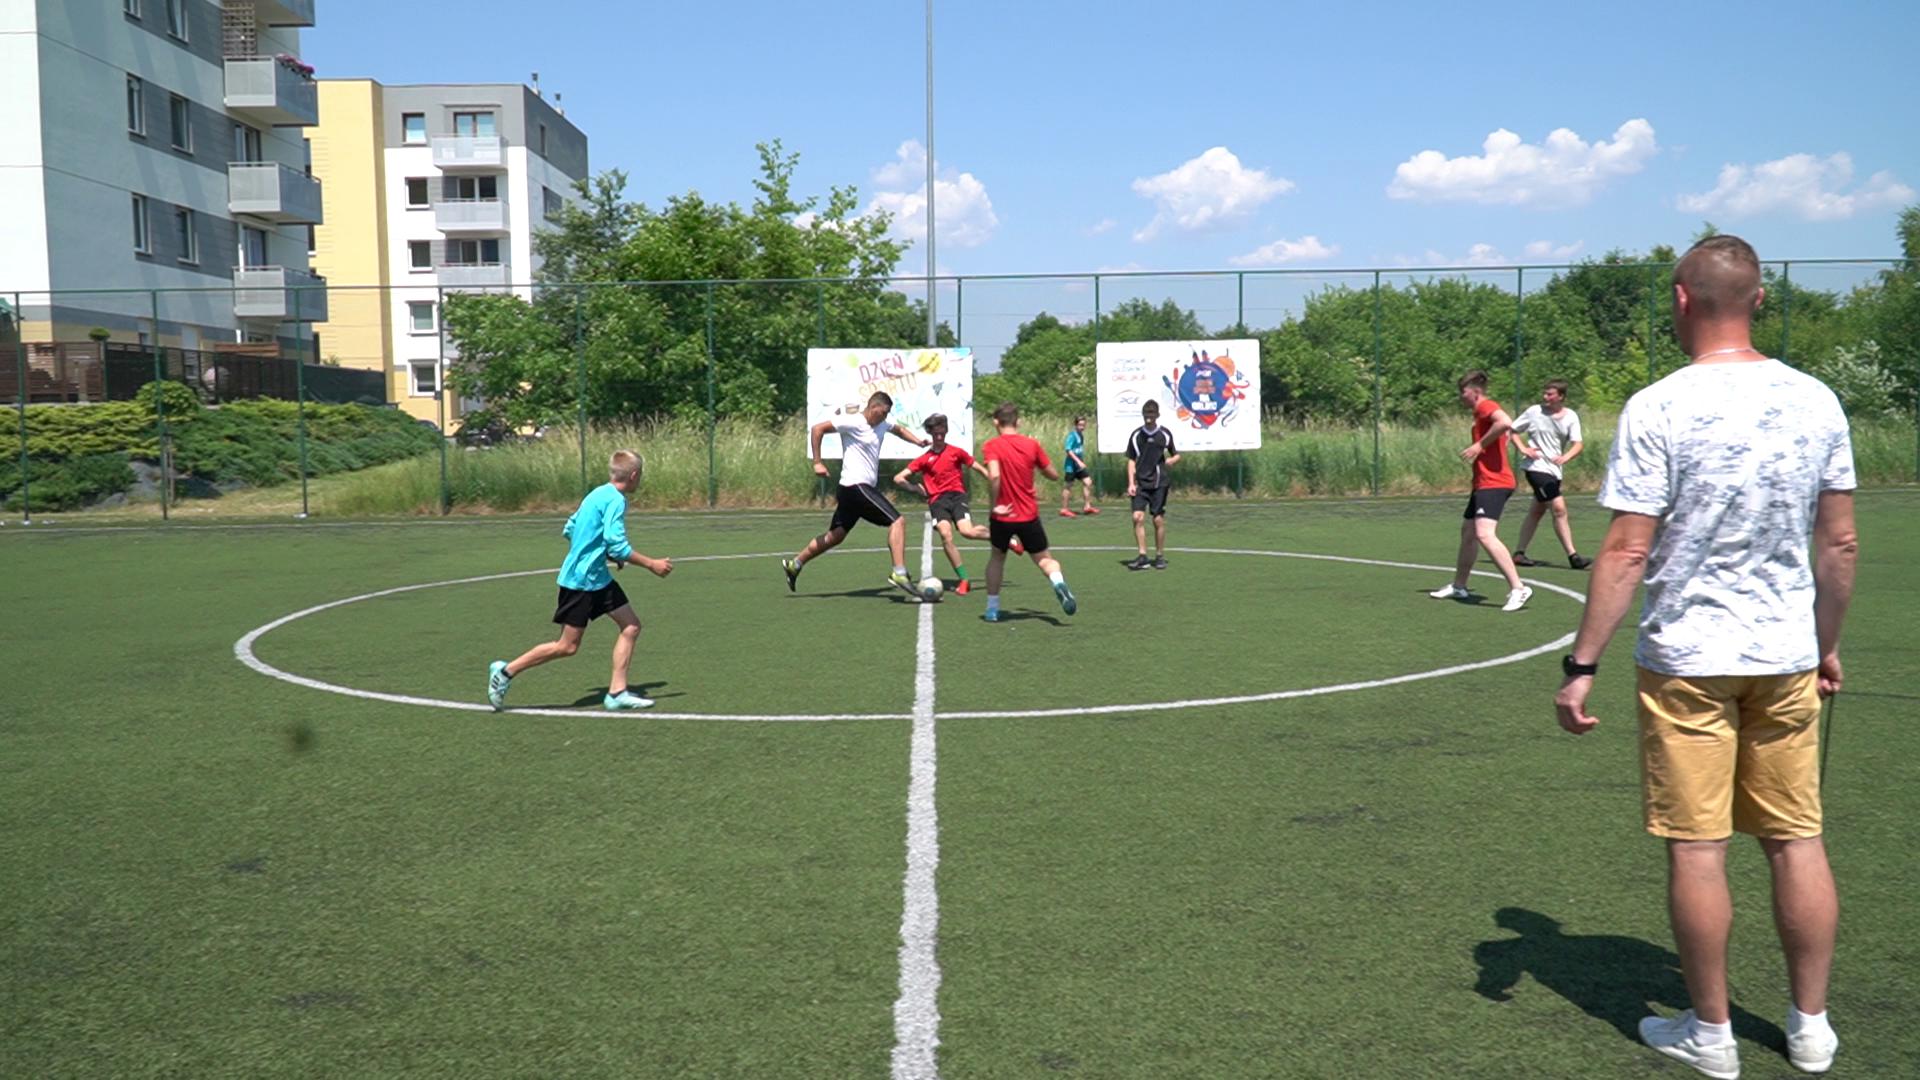 Mistrzostwa Gminy Oleśnica w piłce nożnej młodzików i juniorów młodszych.